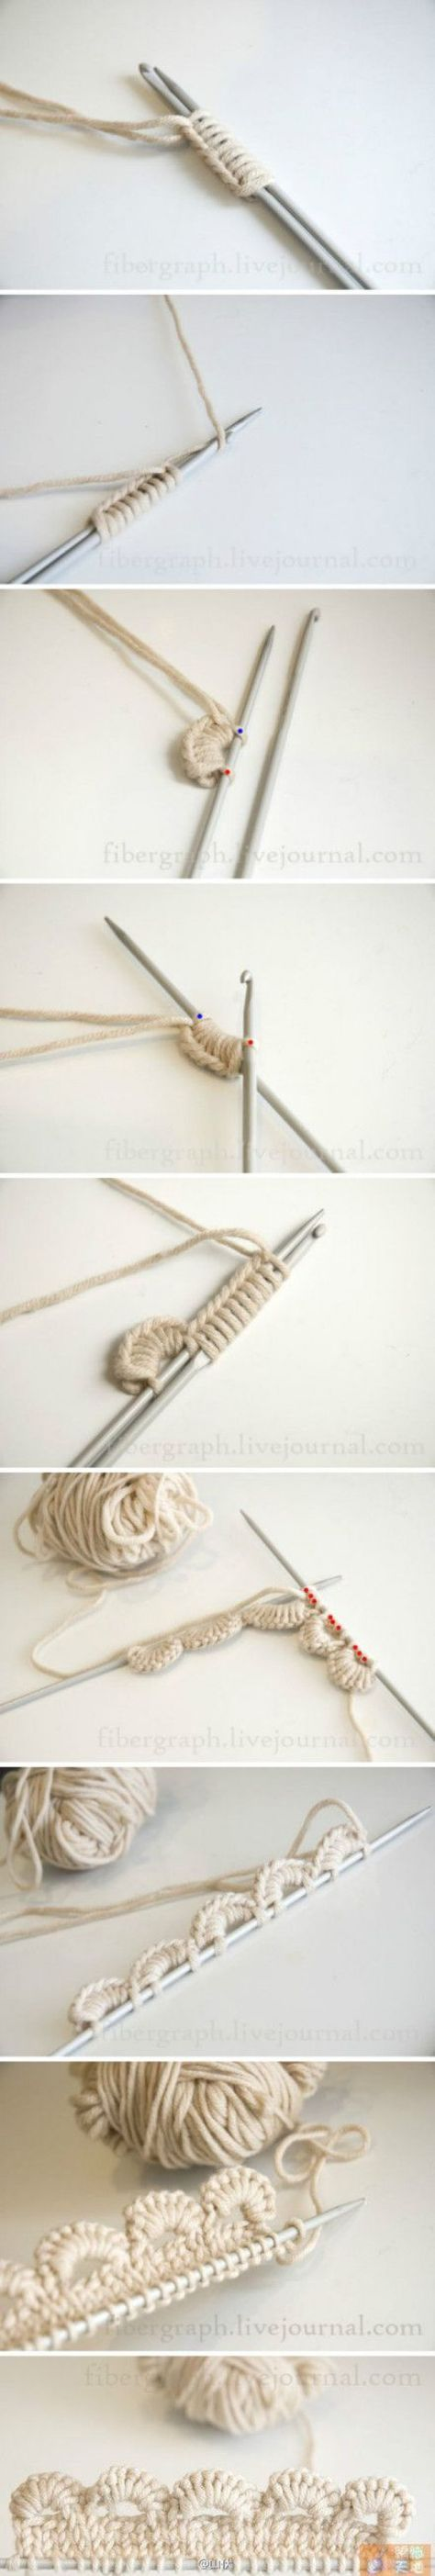 Handige manier om een mooi randje te breien